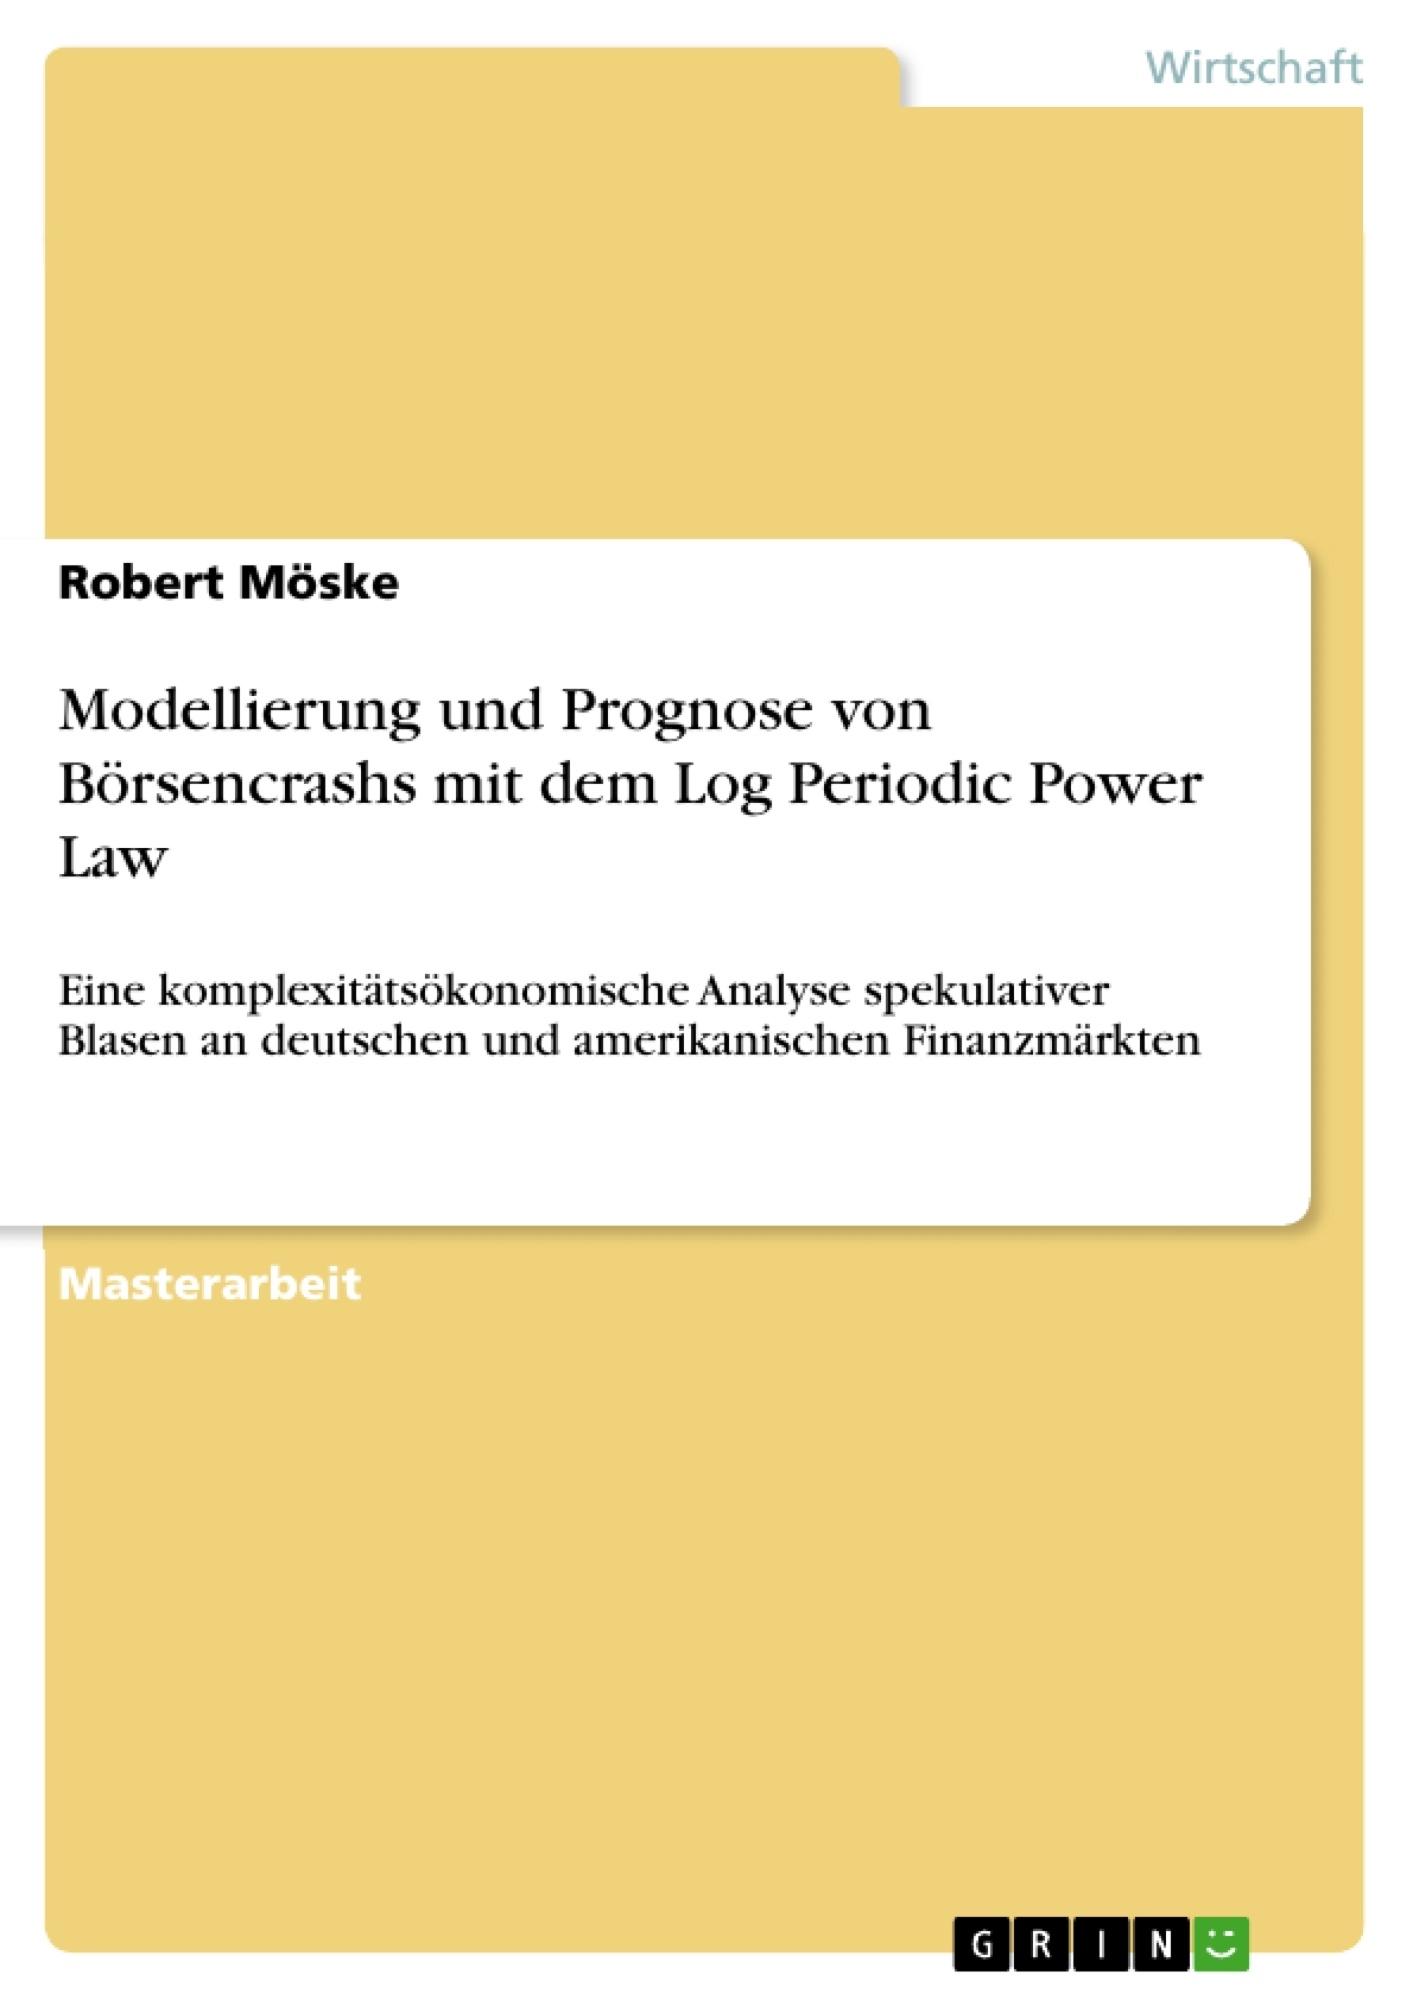 Modellierung und Prognose von Börsencrashs mit dem Log Periodic ...